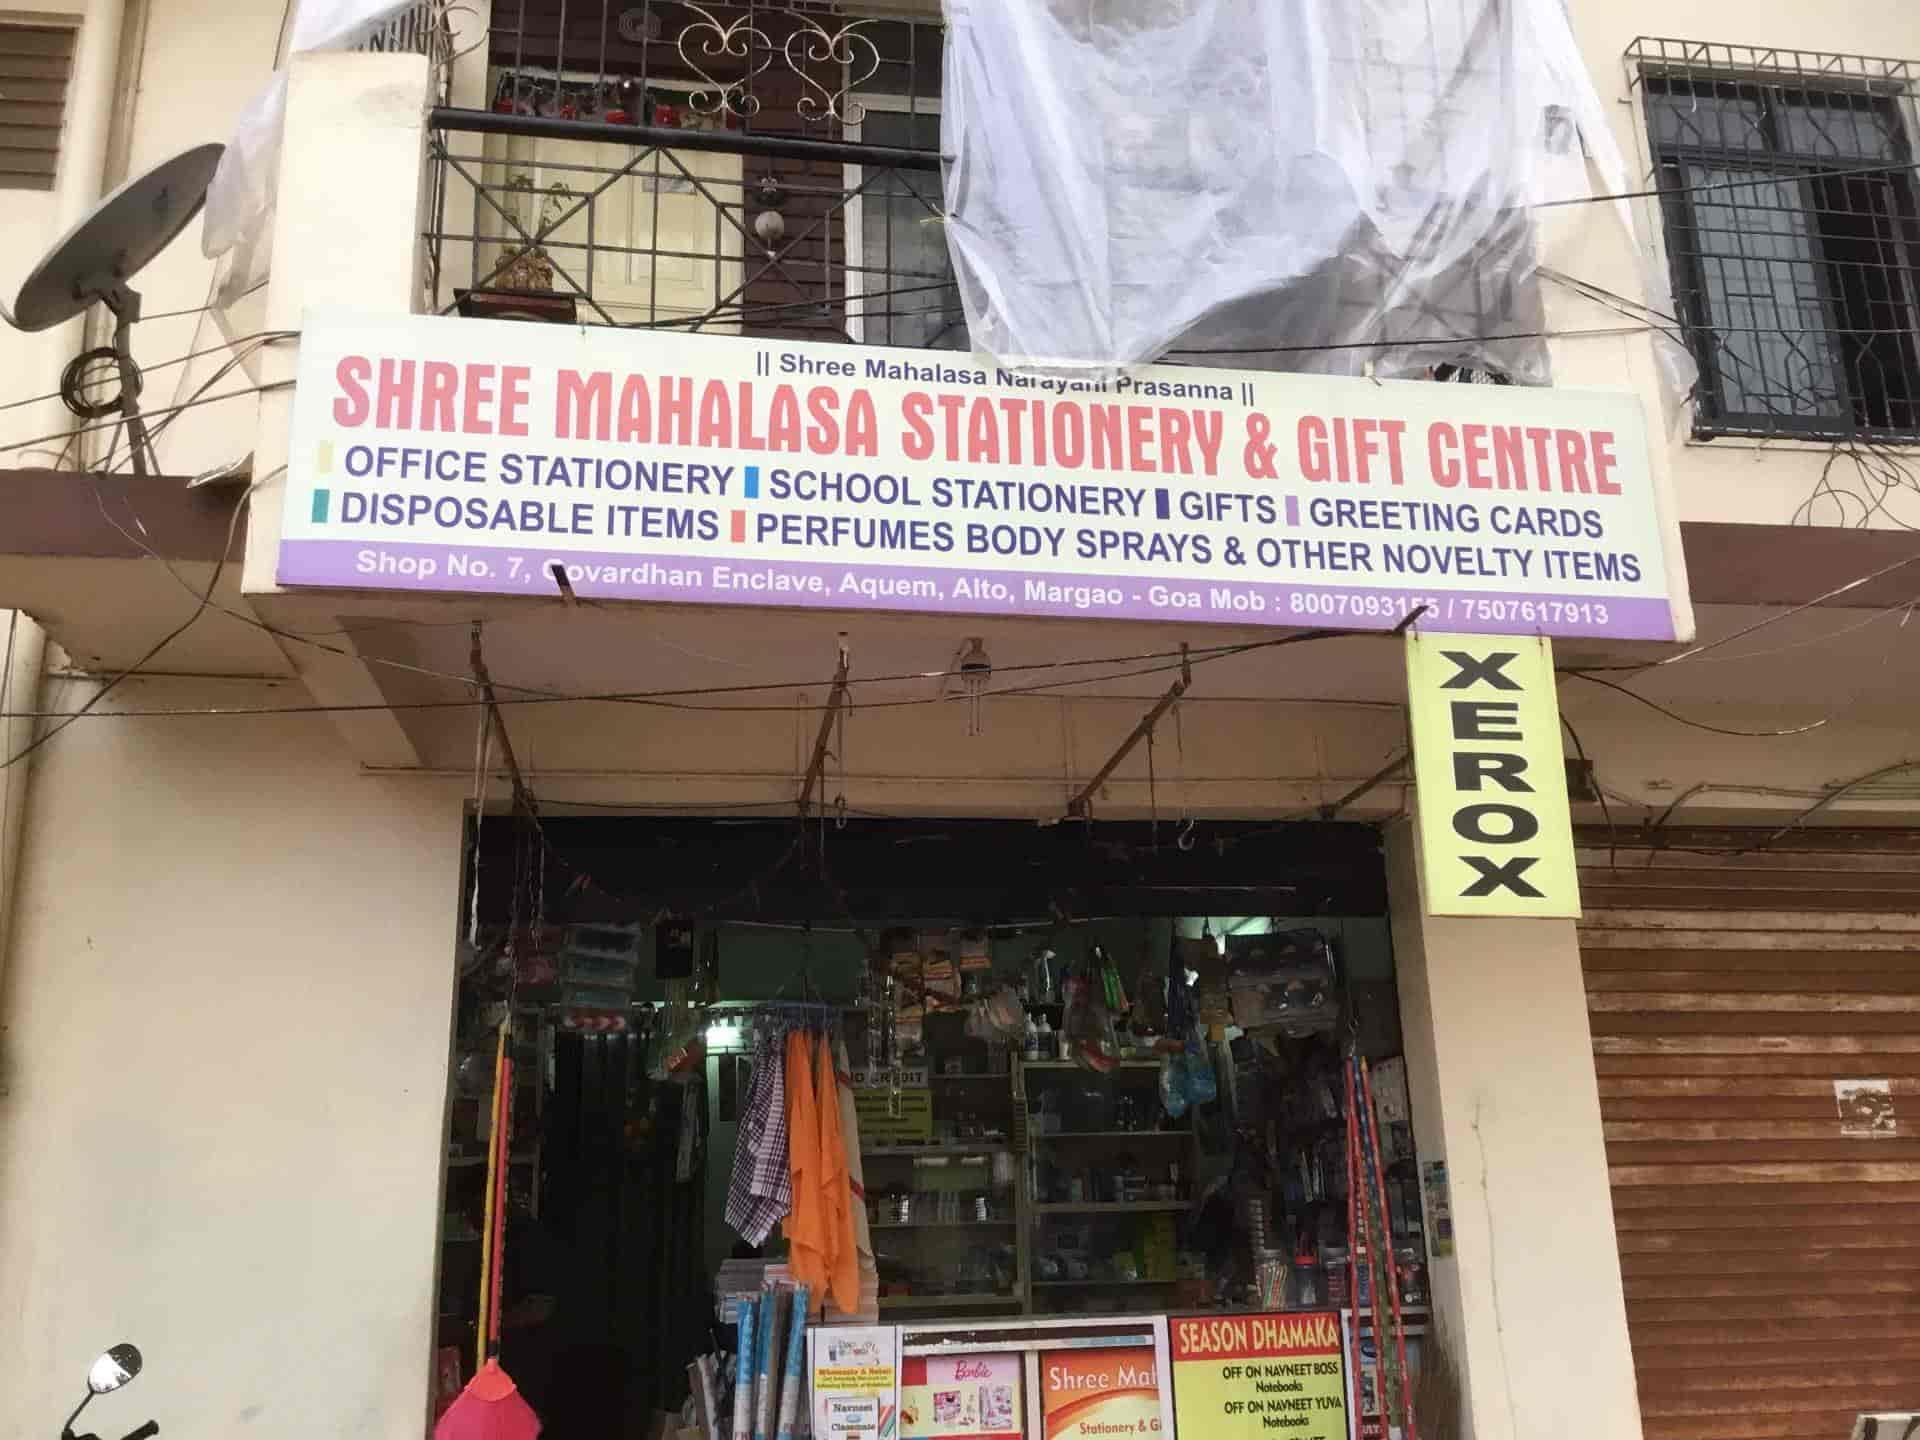 SHREE mahalasa stationery, Margao - Stationery Shops in Goa